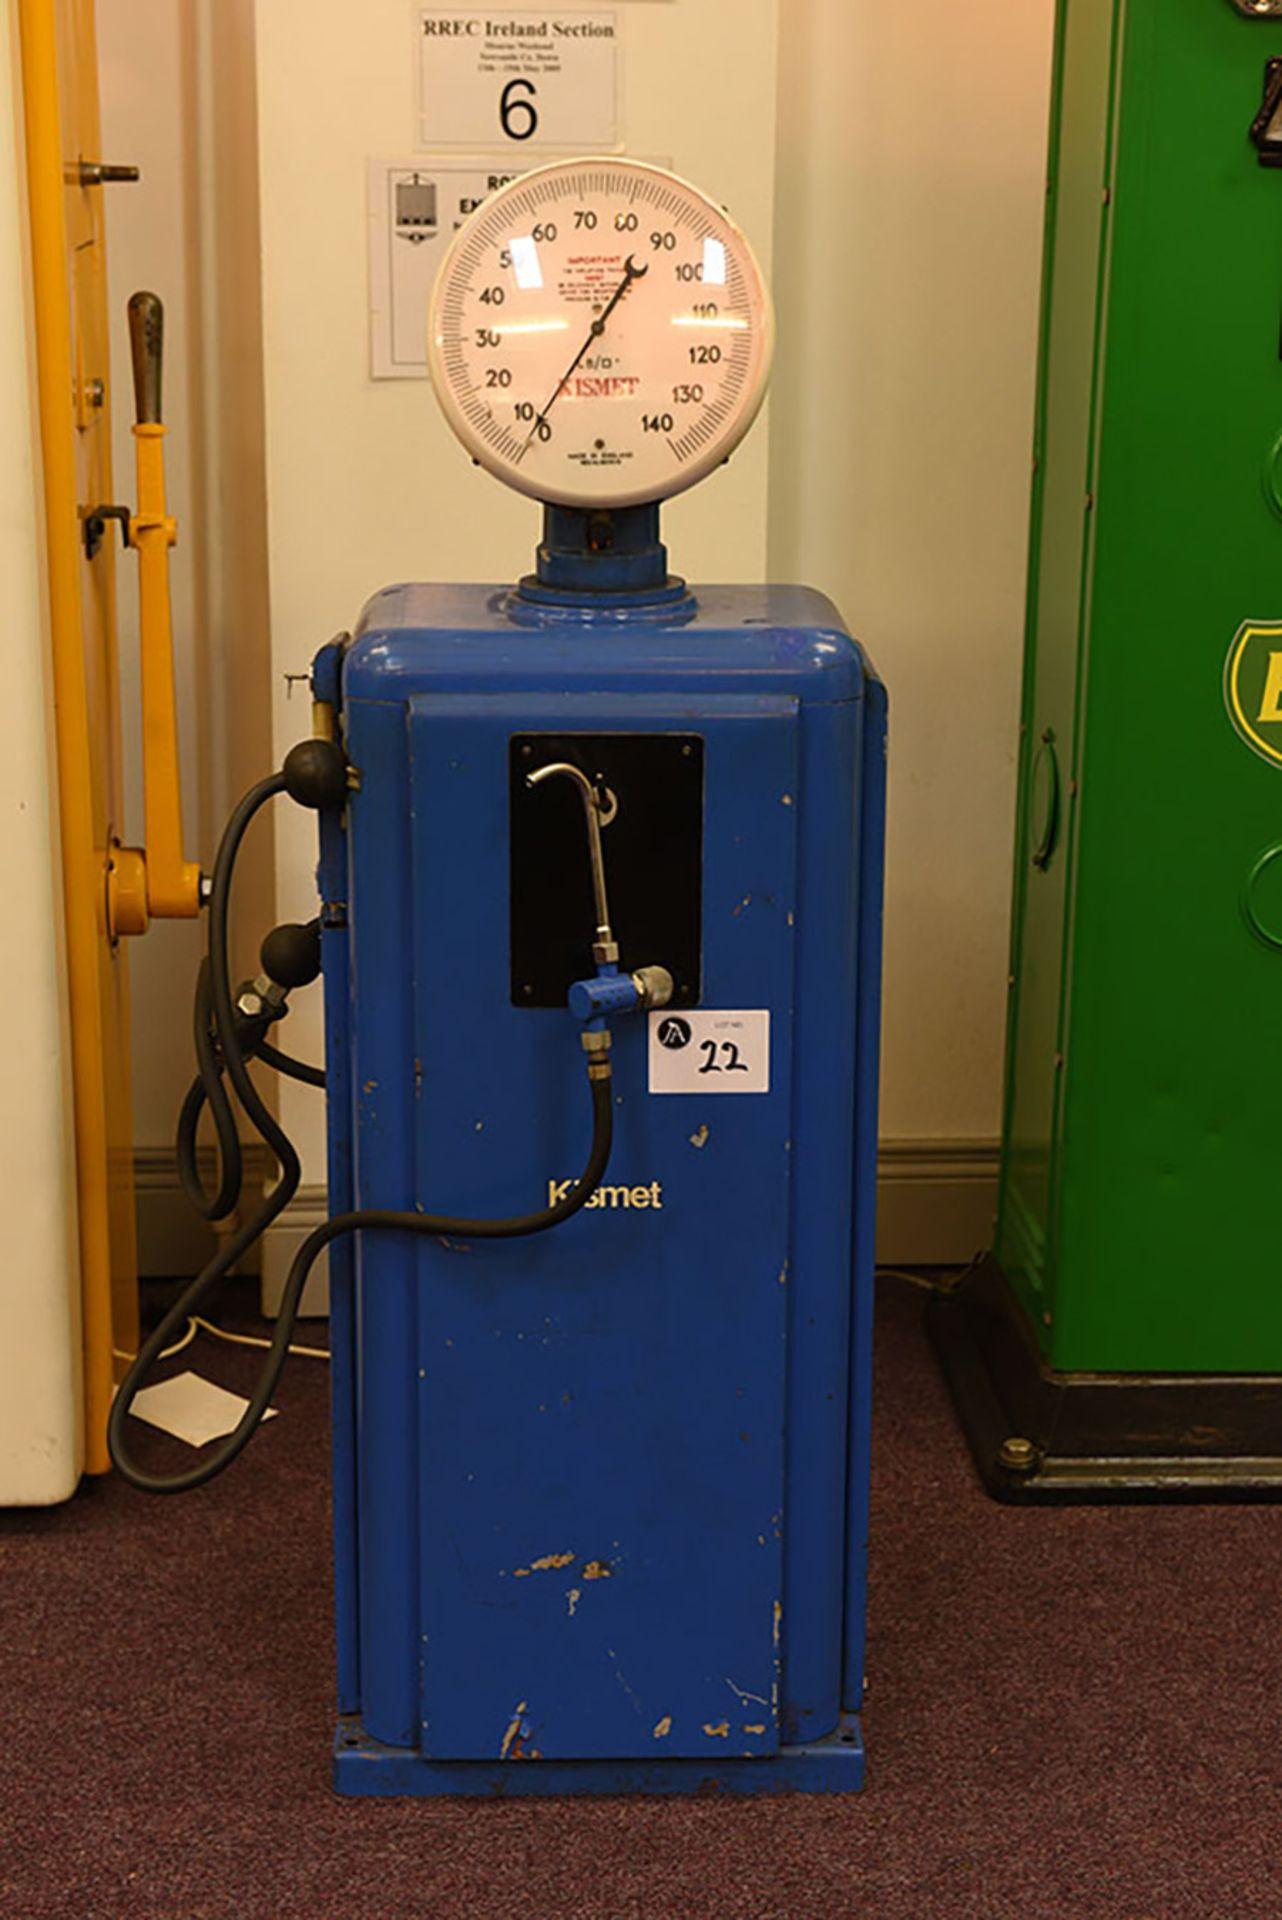 Lot 22 - Kismet air & water dispenser